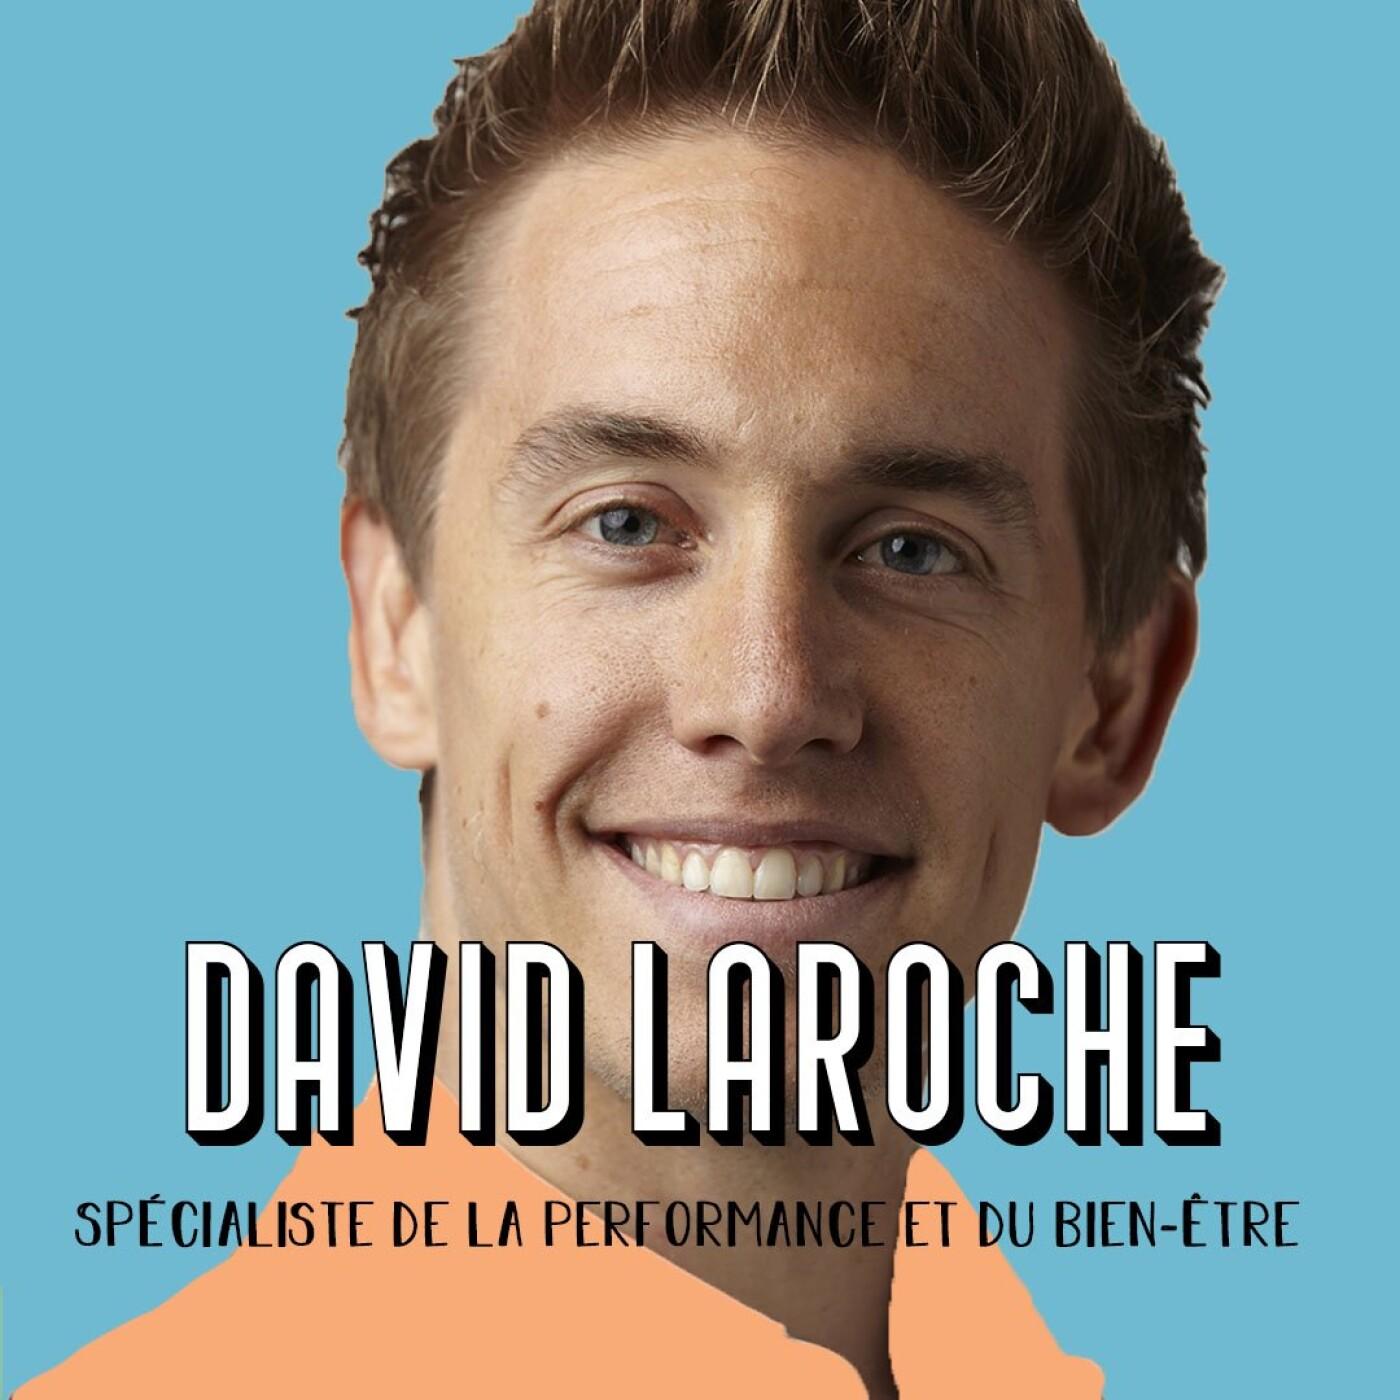 David Laroche, Entrepreneur, Conférencier, Coach - Devenir meilleur chaque jour (PARTIE 1)